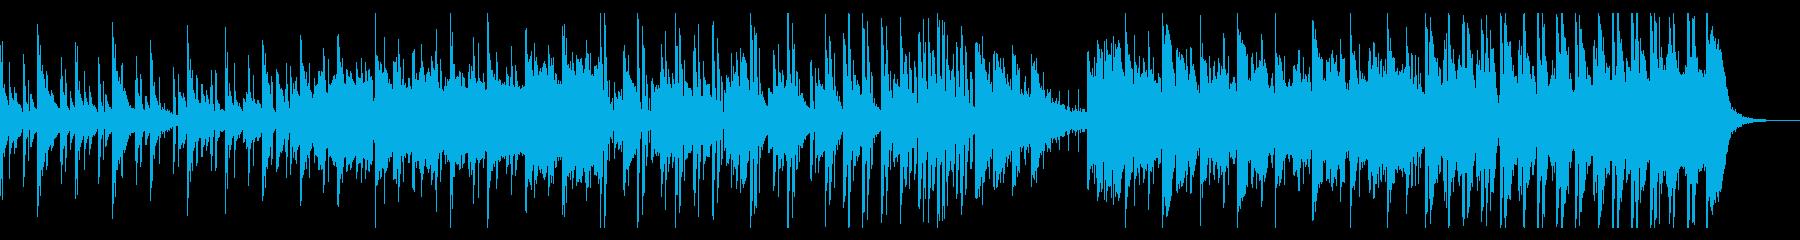 ピアノ・オルガン・雨音の温シティポップの再生済みの波形